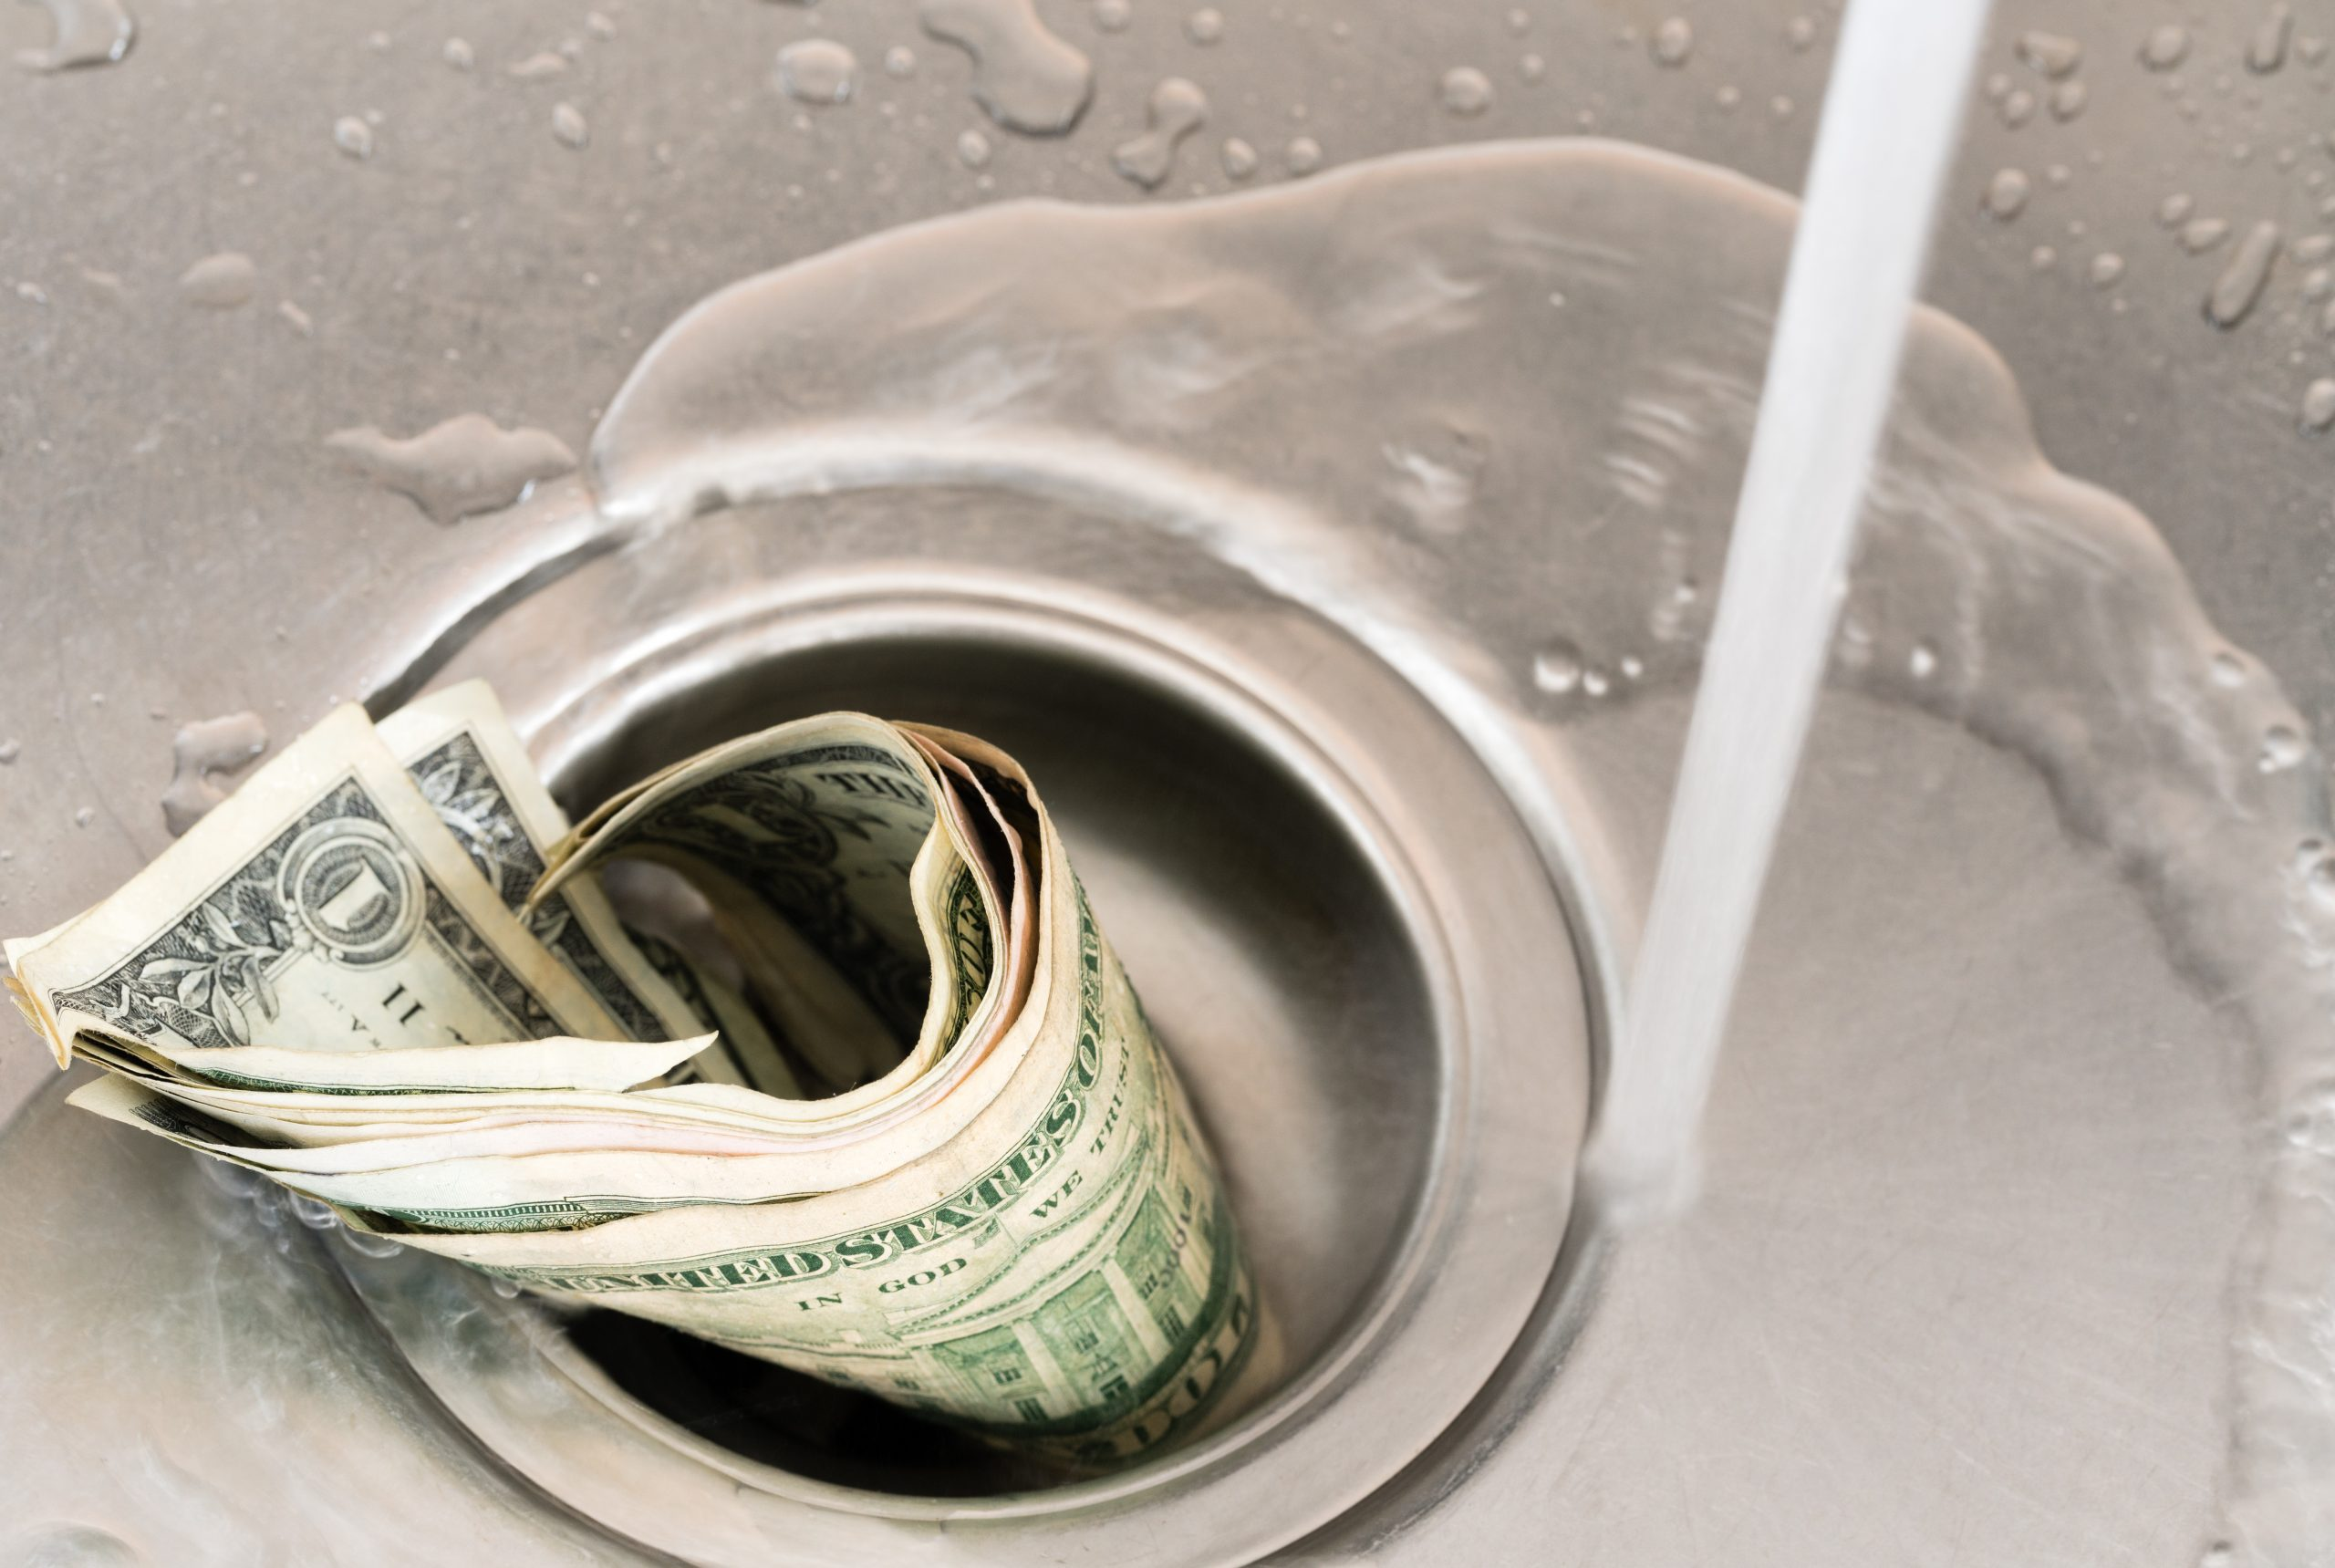 22,4 Millionen US-Dollar: Fehler sorgt für absurd hohe Transaktionsgebühr